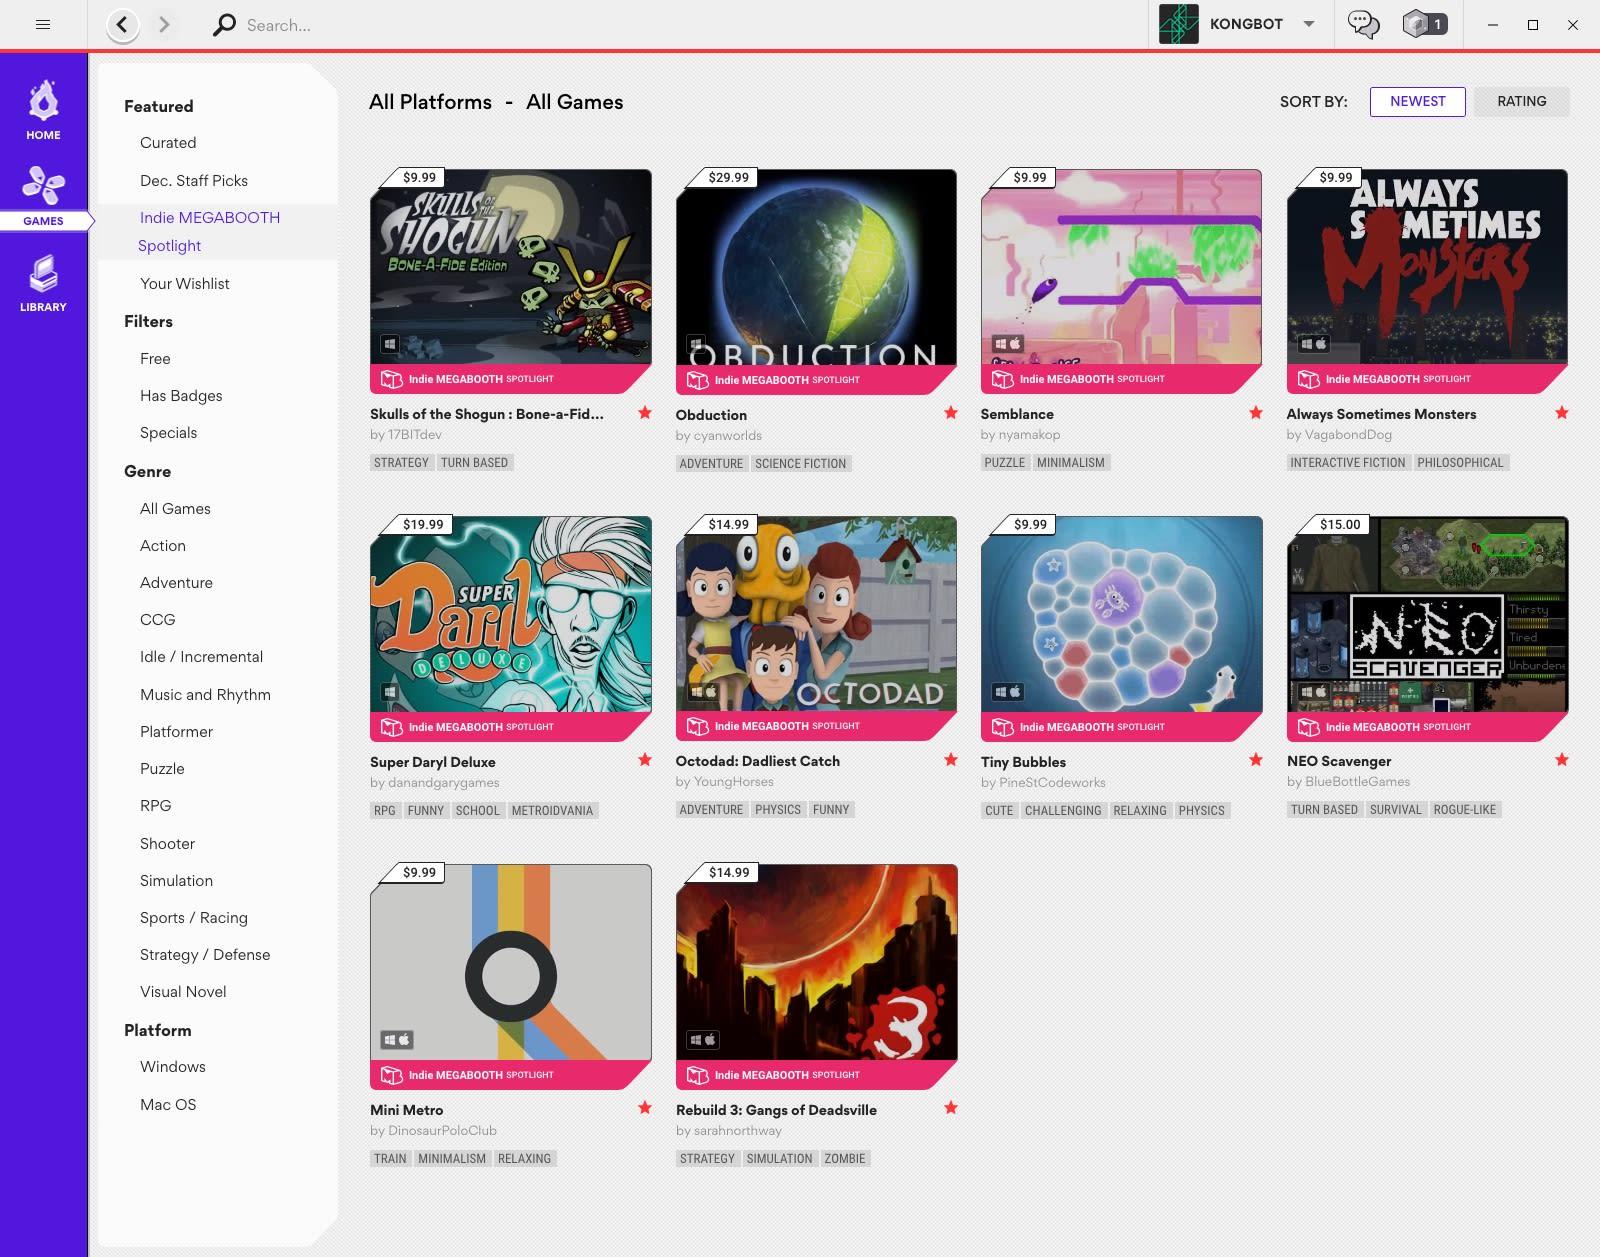 Indie Megabooth Games On Kartridge